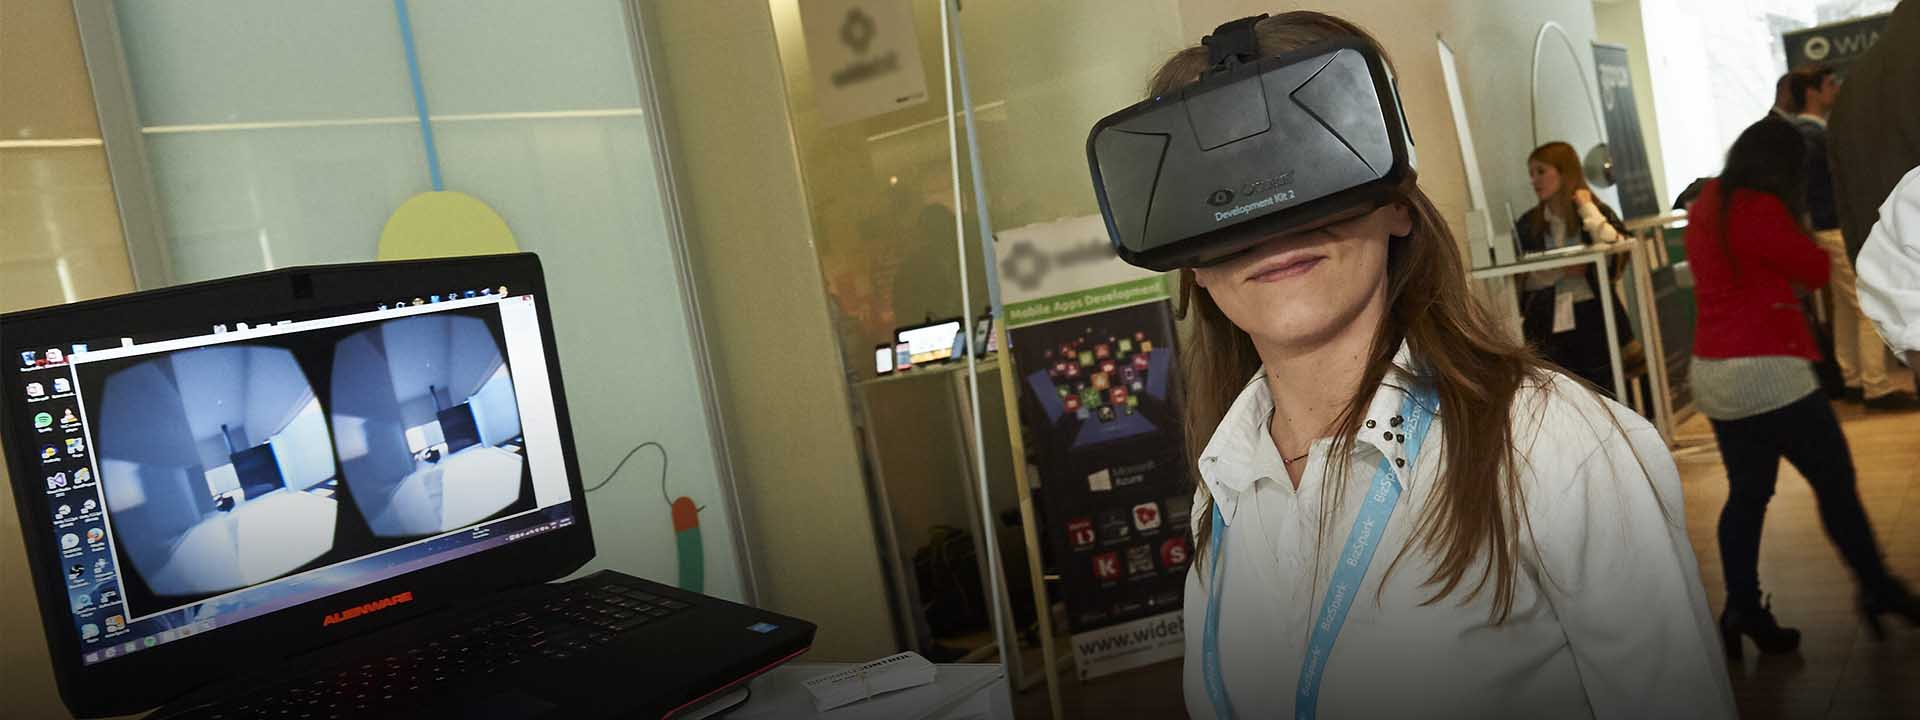 Óculos realidade virtual, saiba mais sobre o evento Ativar Portugal